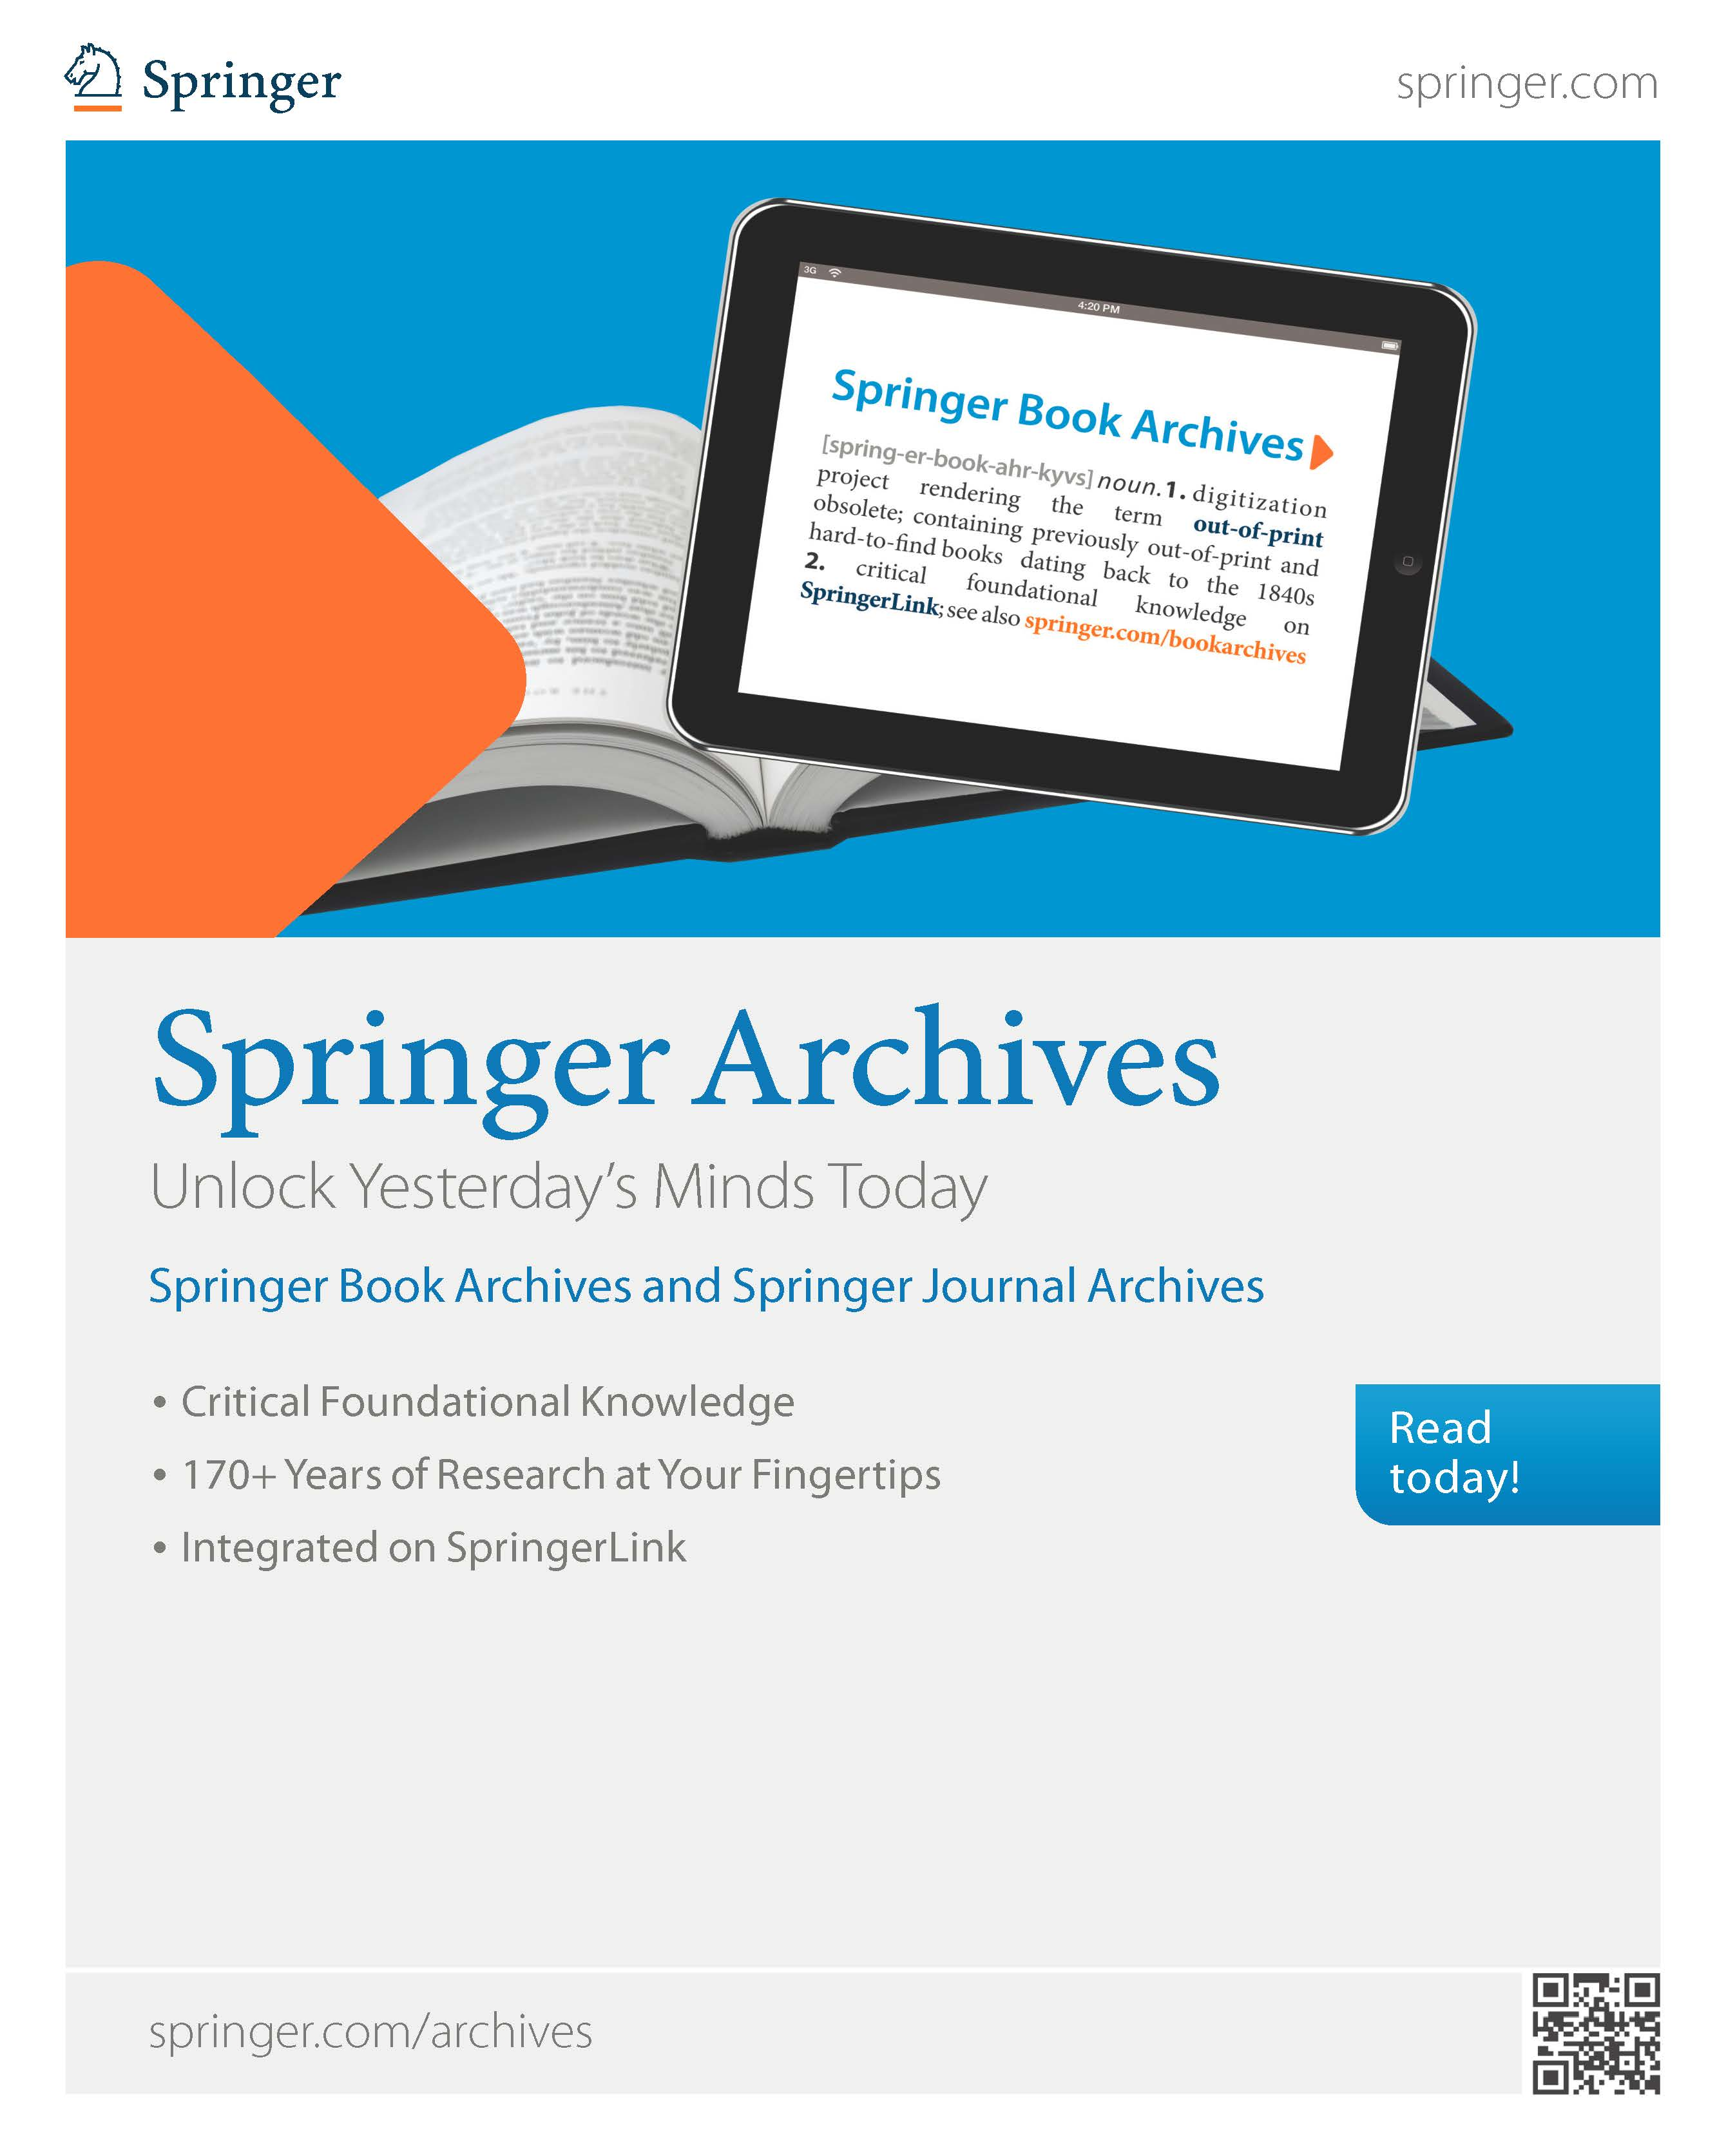 Springer Archives Brochure